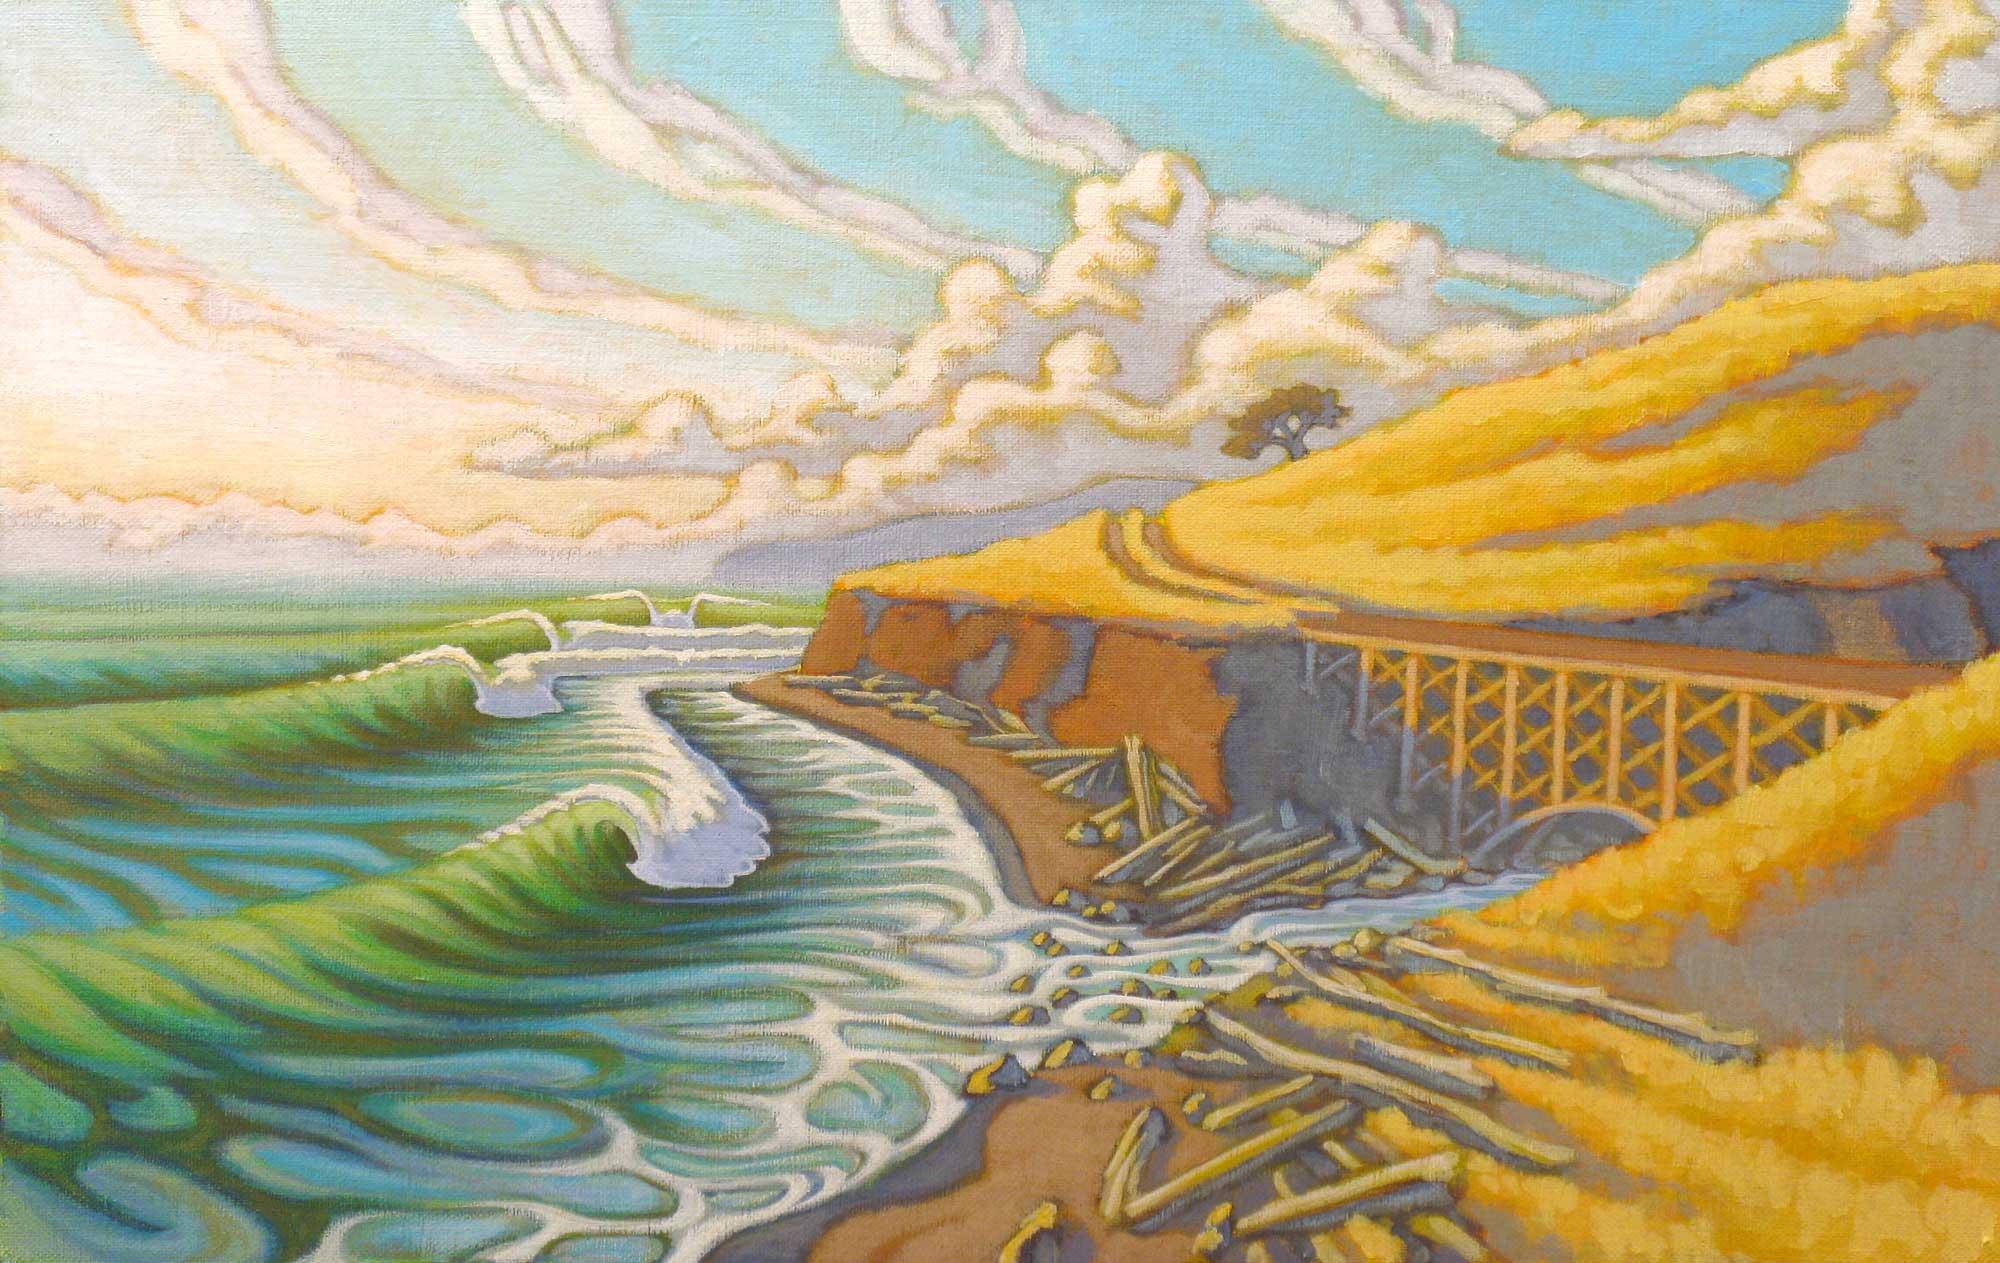 C-CALIFORNIA